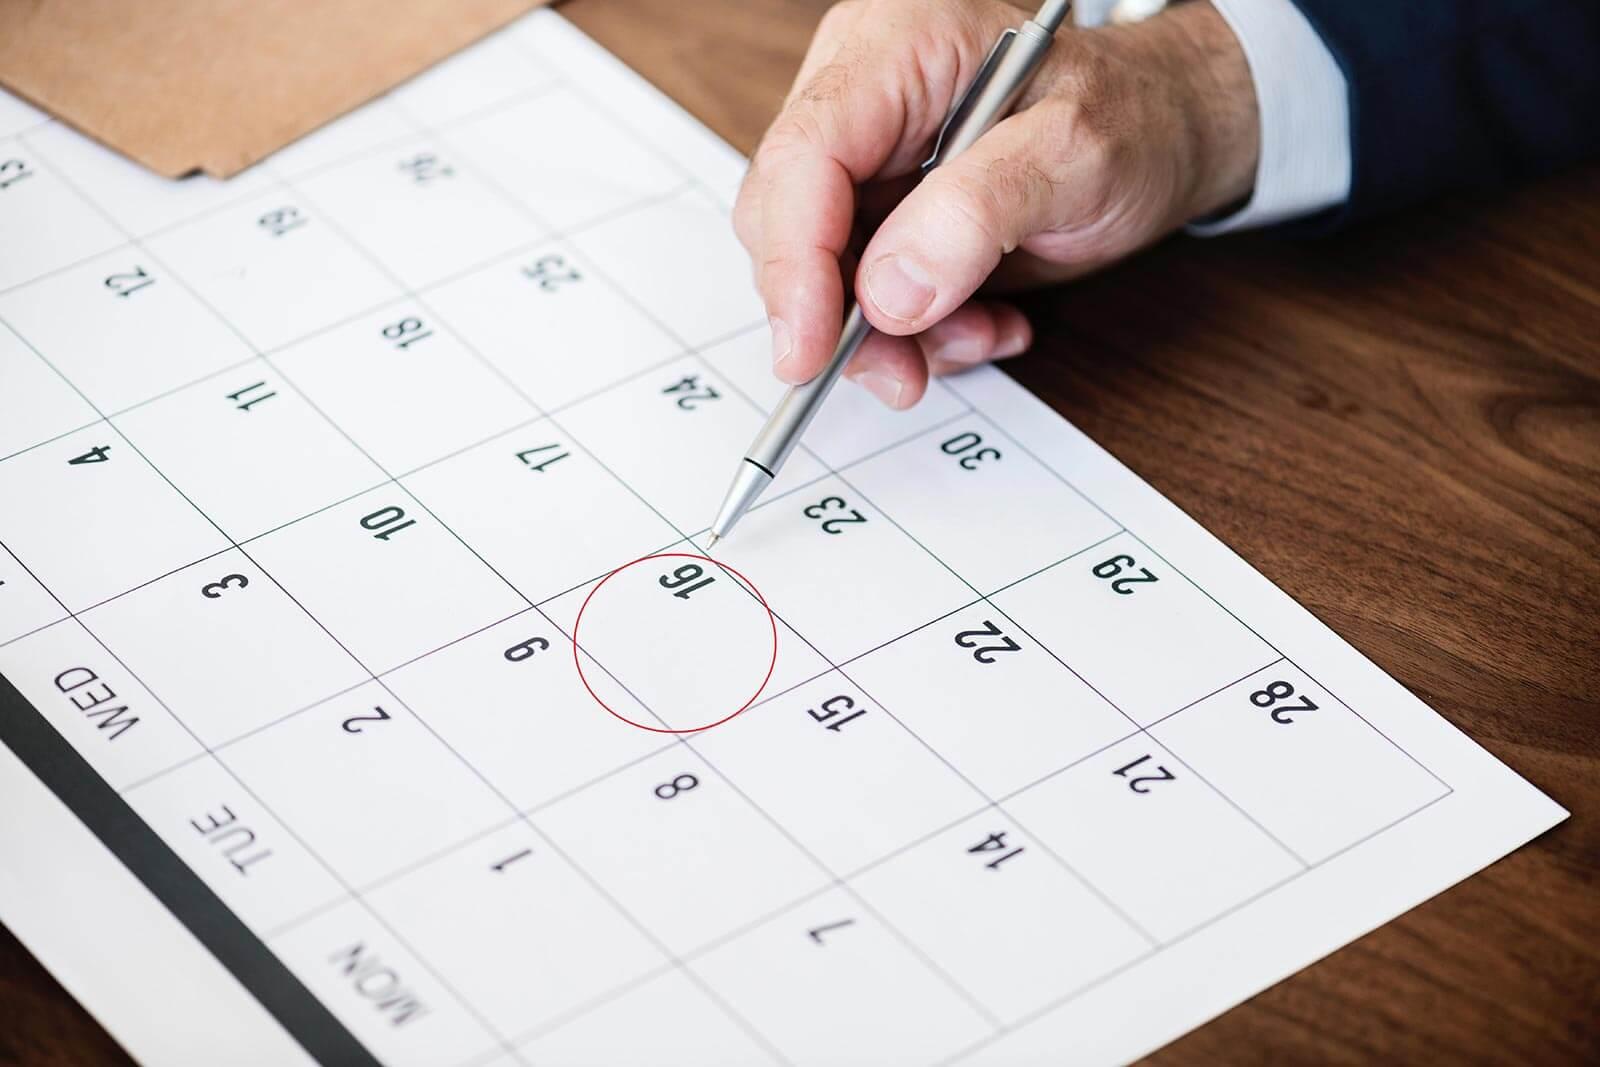 Dauerfristverlängerung Umsatzsteuer